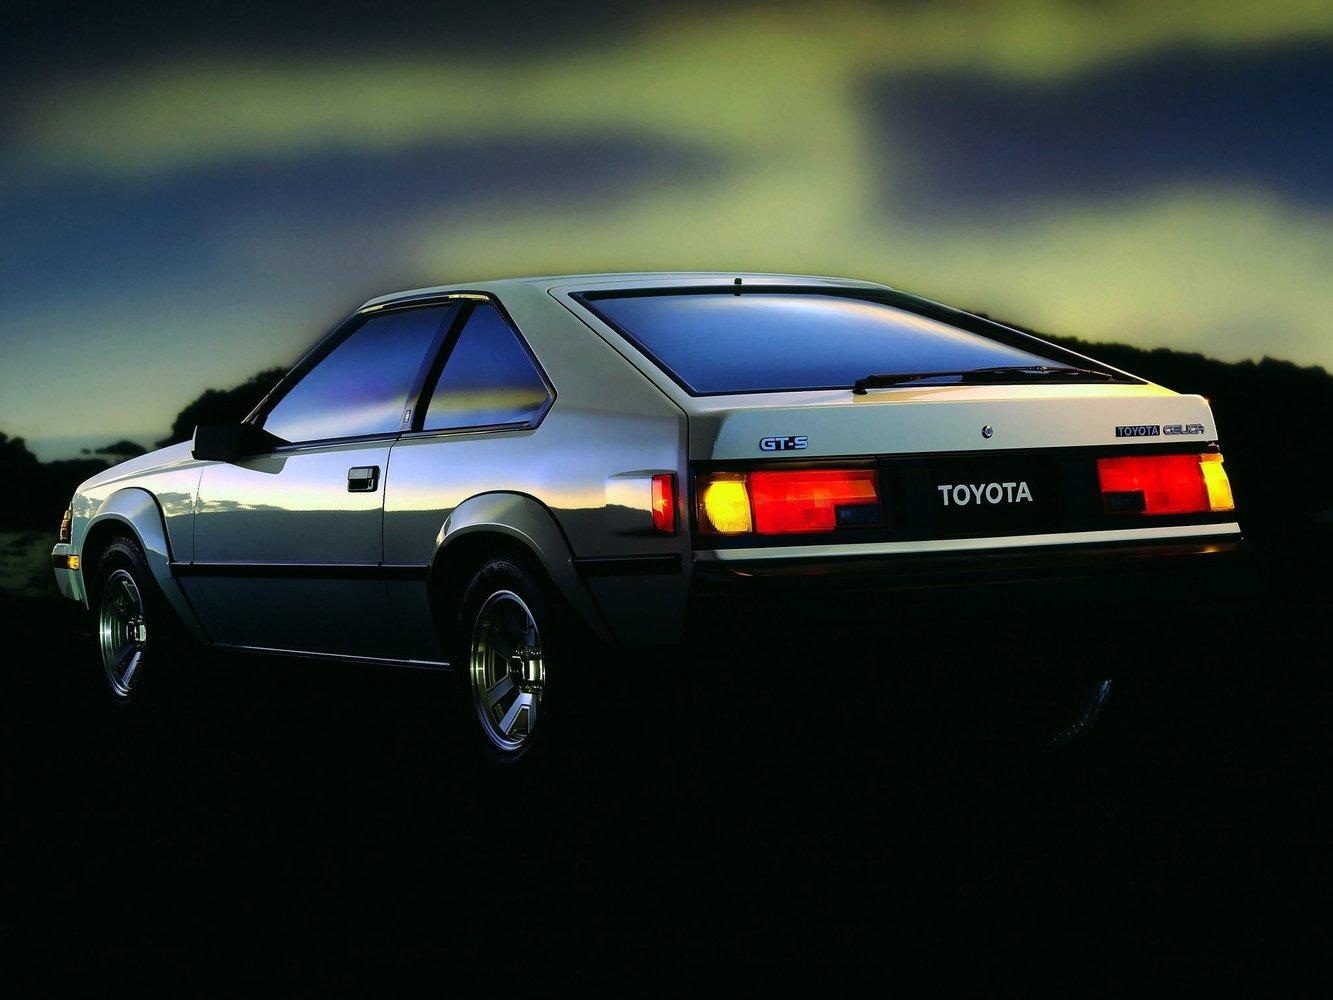 Toyota Селика максимальная скорость #4